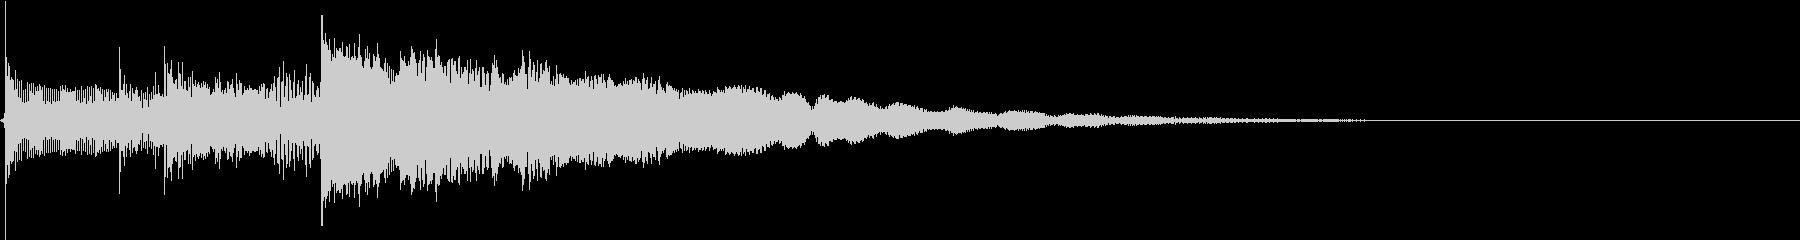 エレキギターのオーバードライブサウンドの未再生の波形